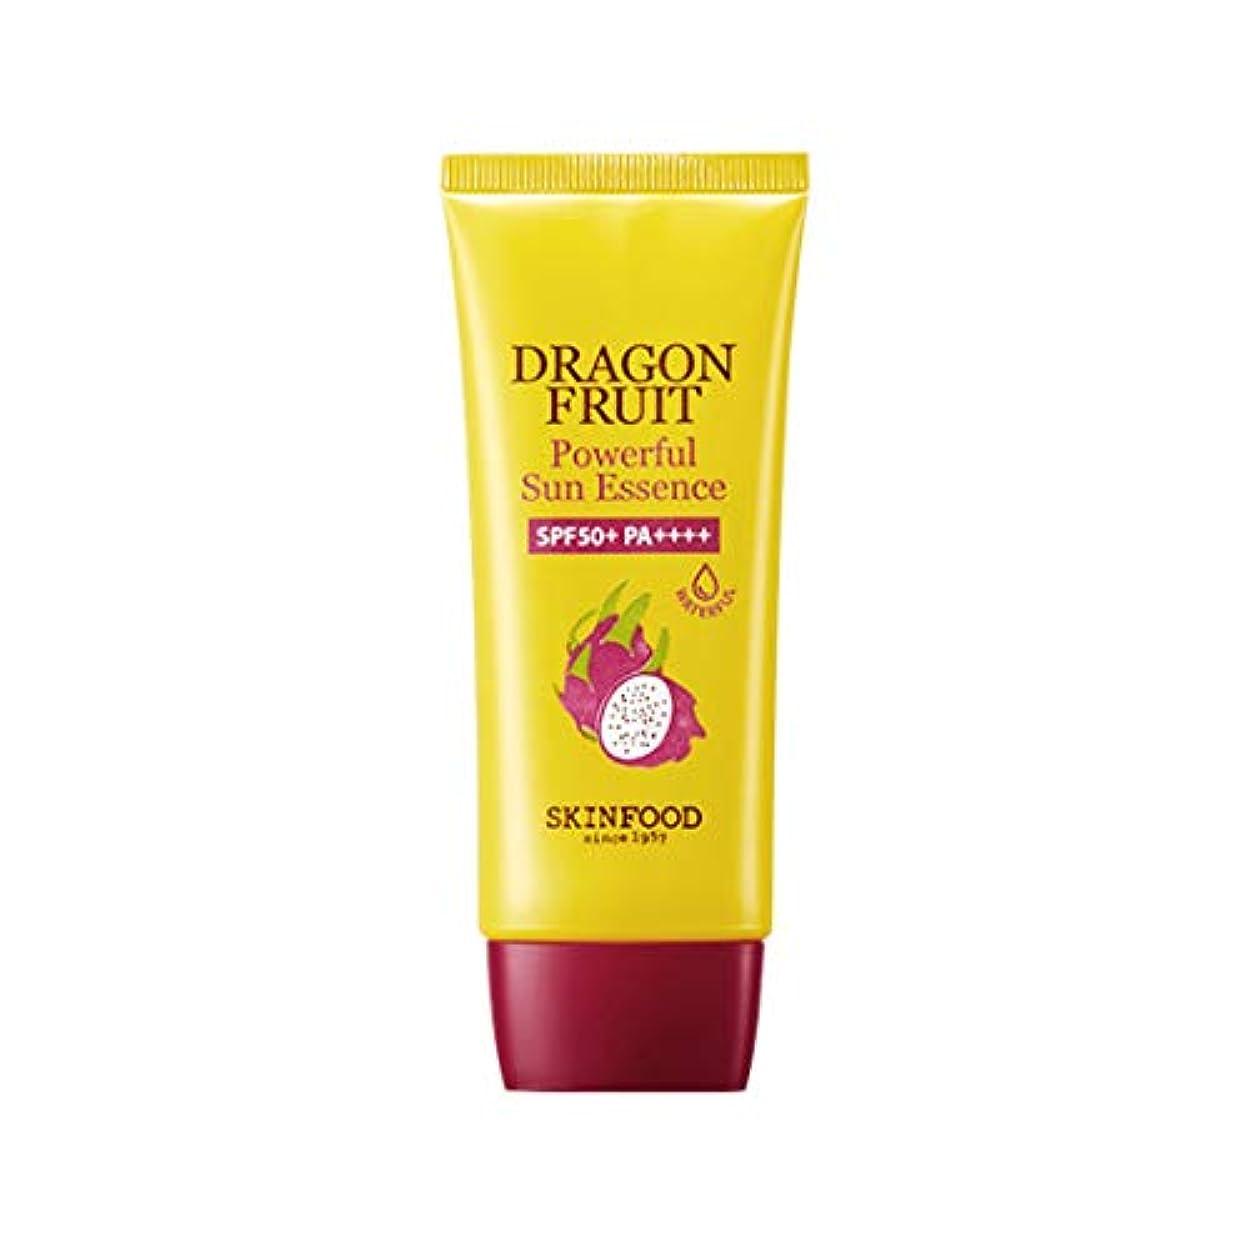 発言する満員道に迷いましたSkinfood ドラゴンフルーツパワフルサンエッセンスSPF50 + PA +++ / Dragon Fruit Powerful Sun Essence SPF50+ PA+++ 50ml [並行輸入品]